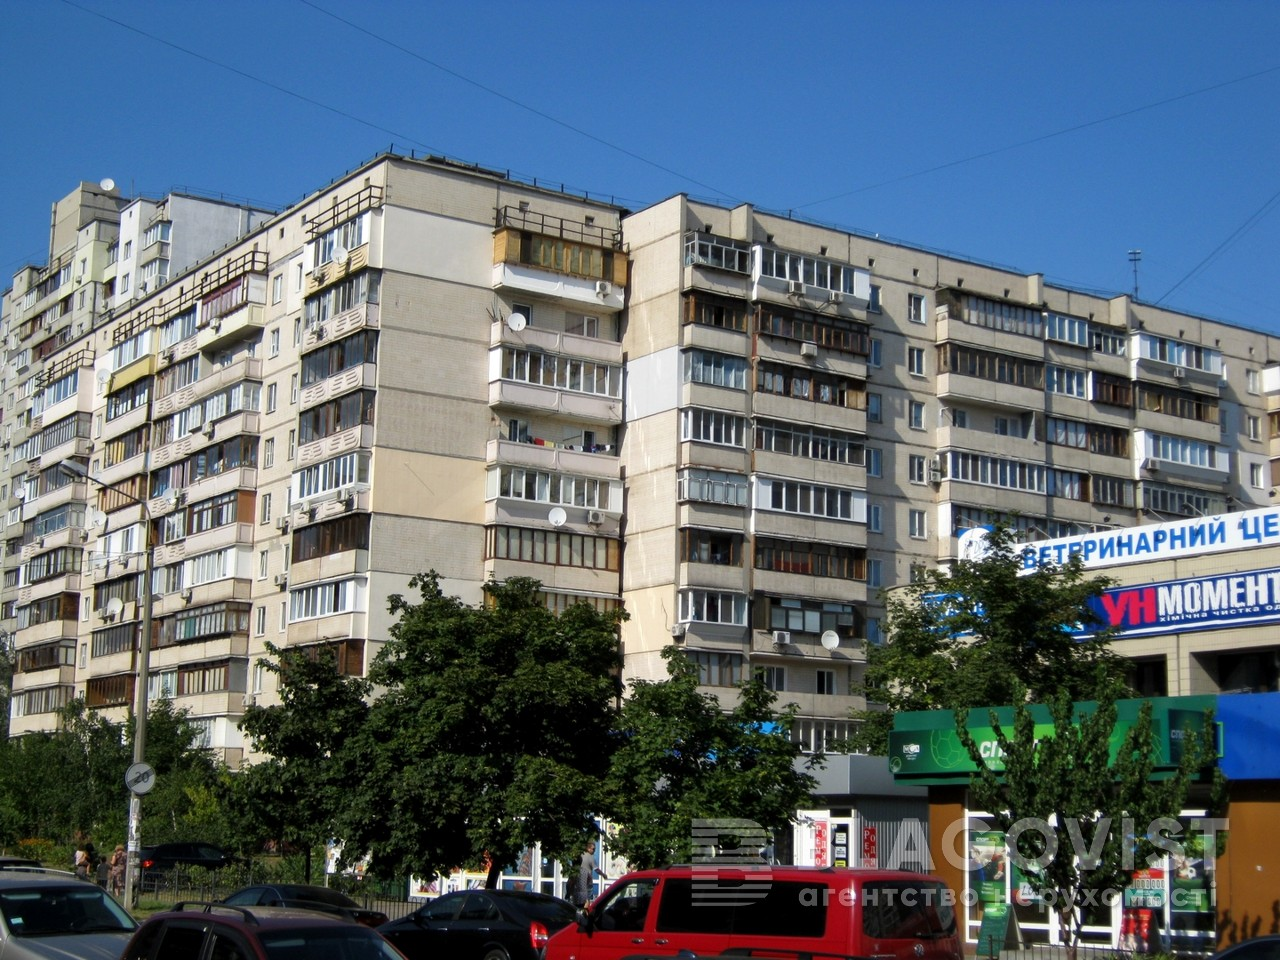 Квартира C-108184, Руденко Ларисы, 7, Киев - Фото 1